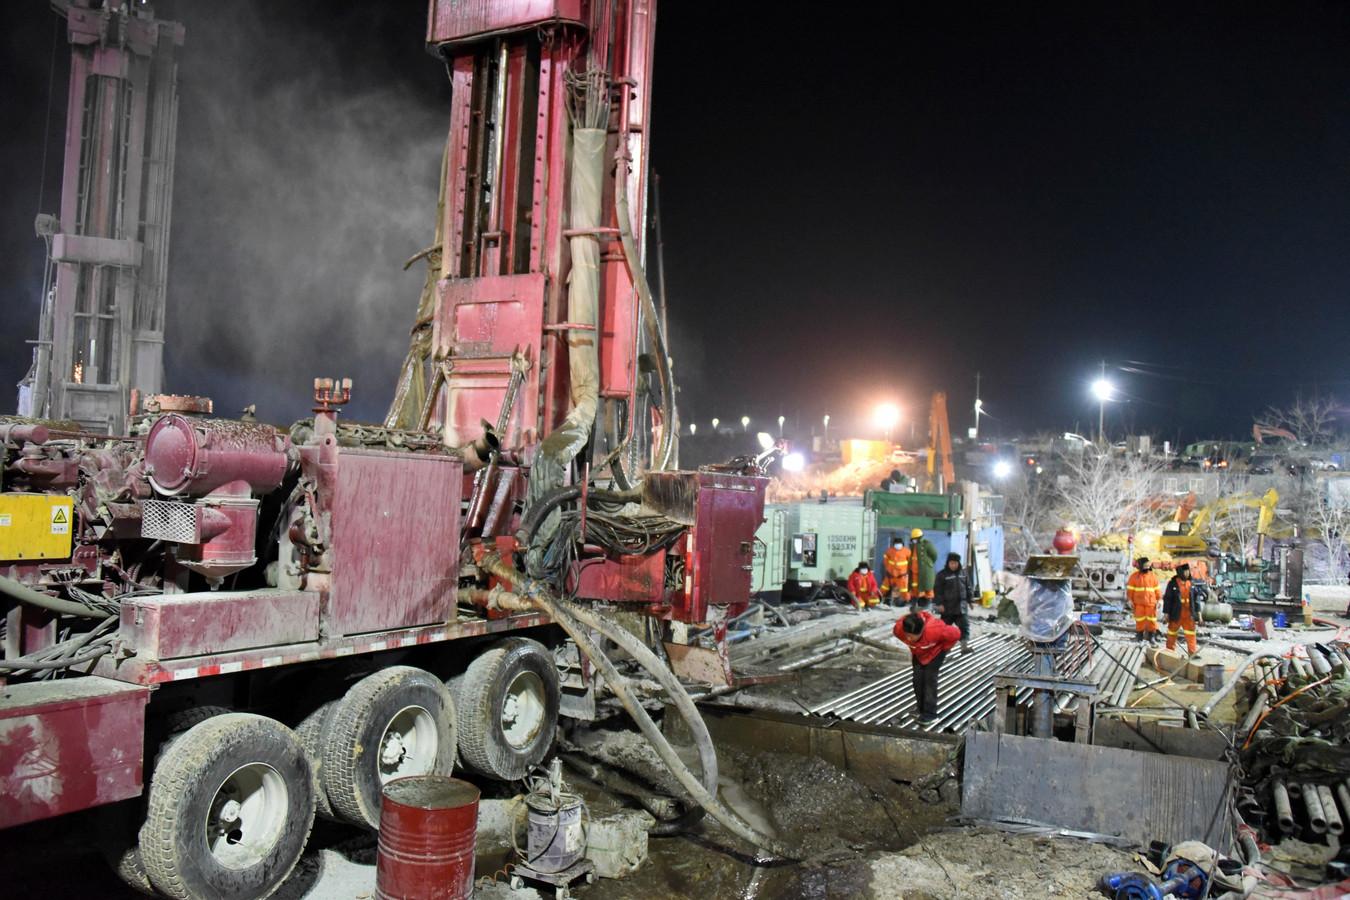 Reddingswerkers drillen een nieuwe schacht om bij de locatie van de vastzittende mijnwerkers te komen.